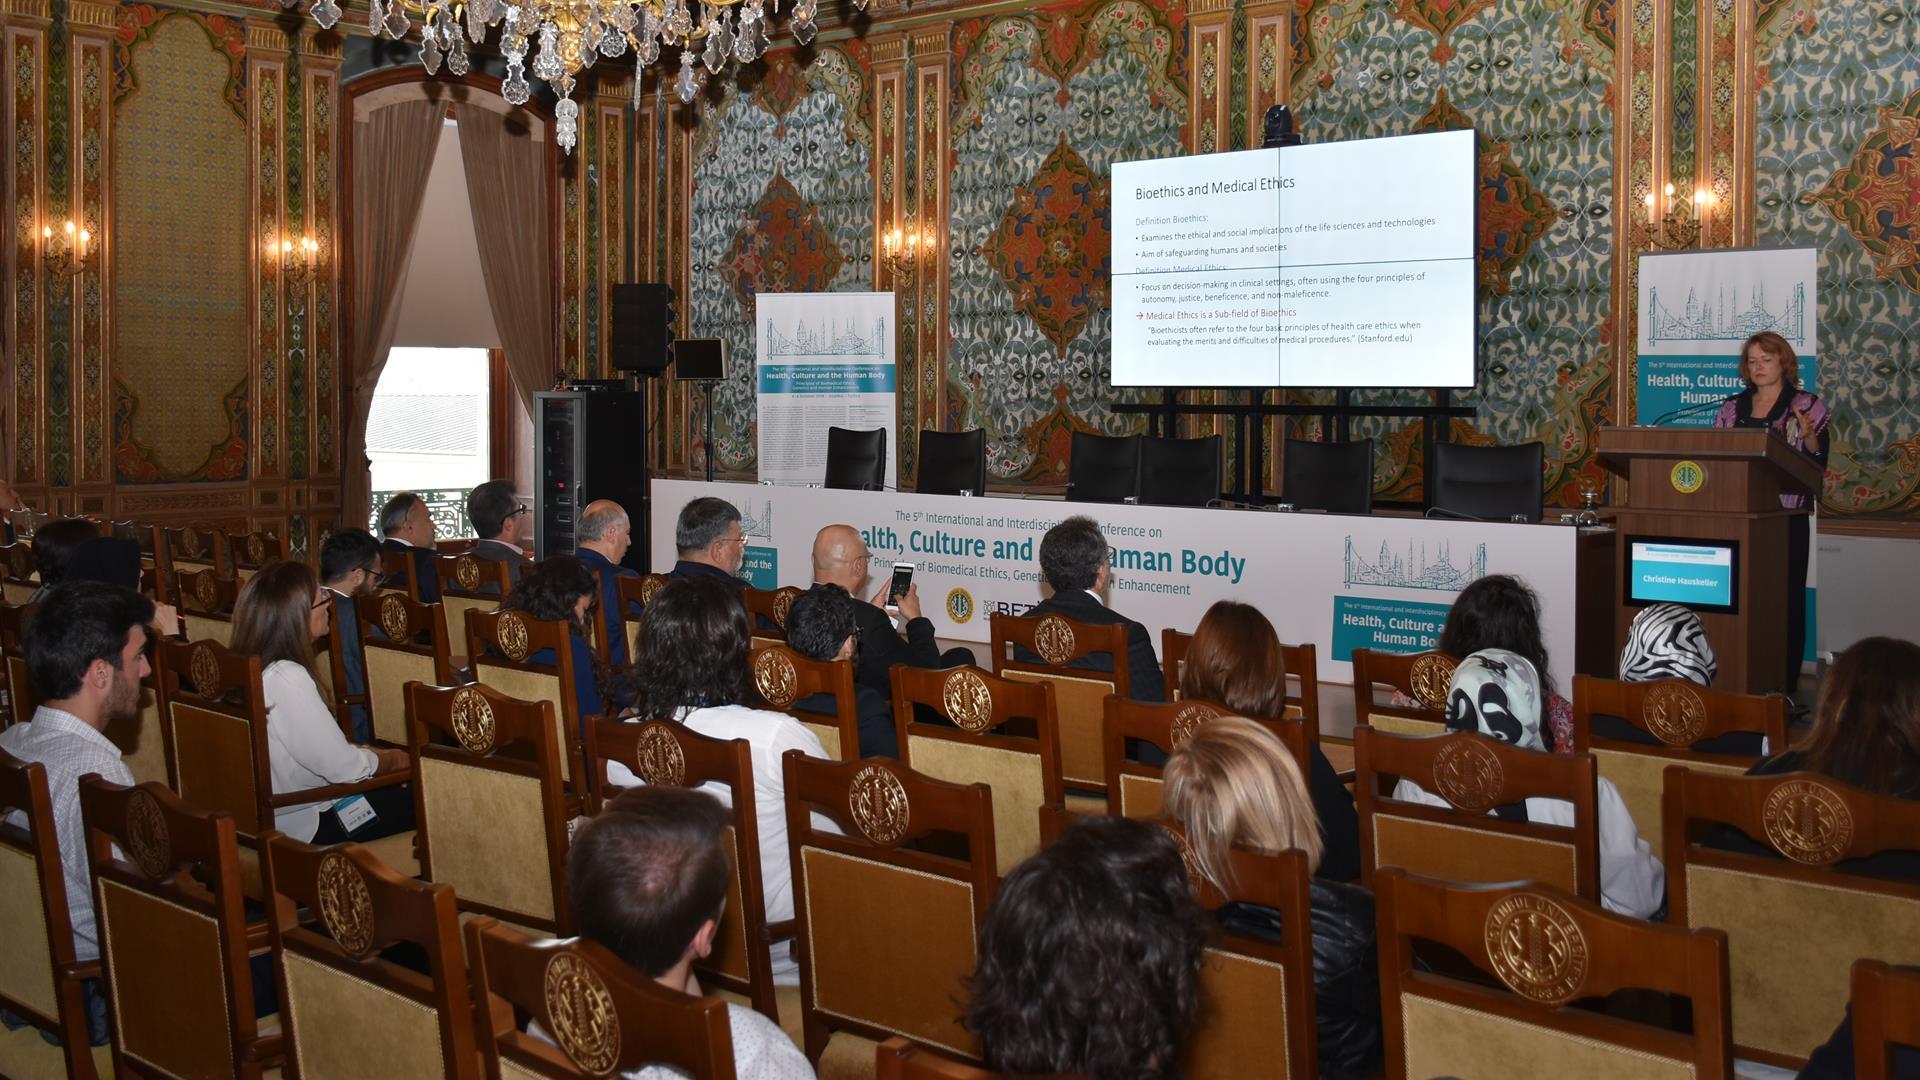 5.-Uluslararası-Sağlık -Kültür-ve-İnsan-Bedeni-Sempozyumu-İstanbul-Üniversitesi'nde-Başladı